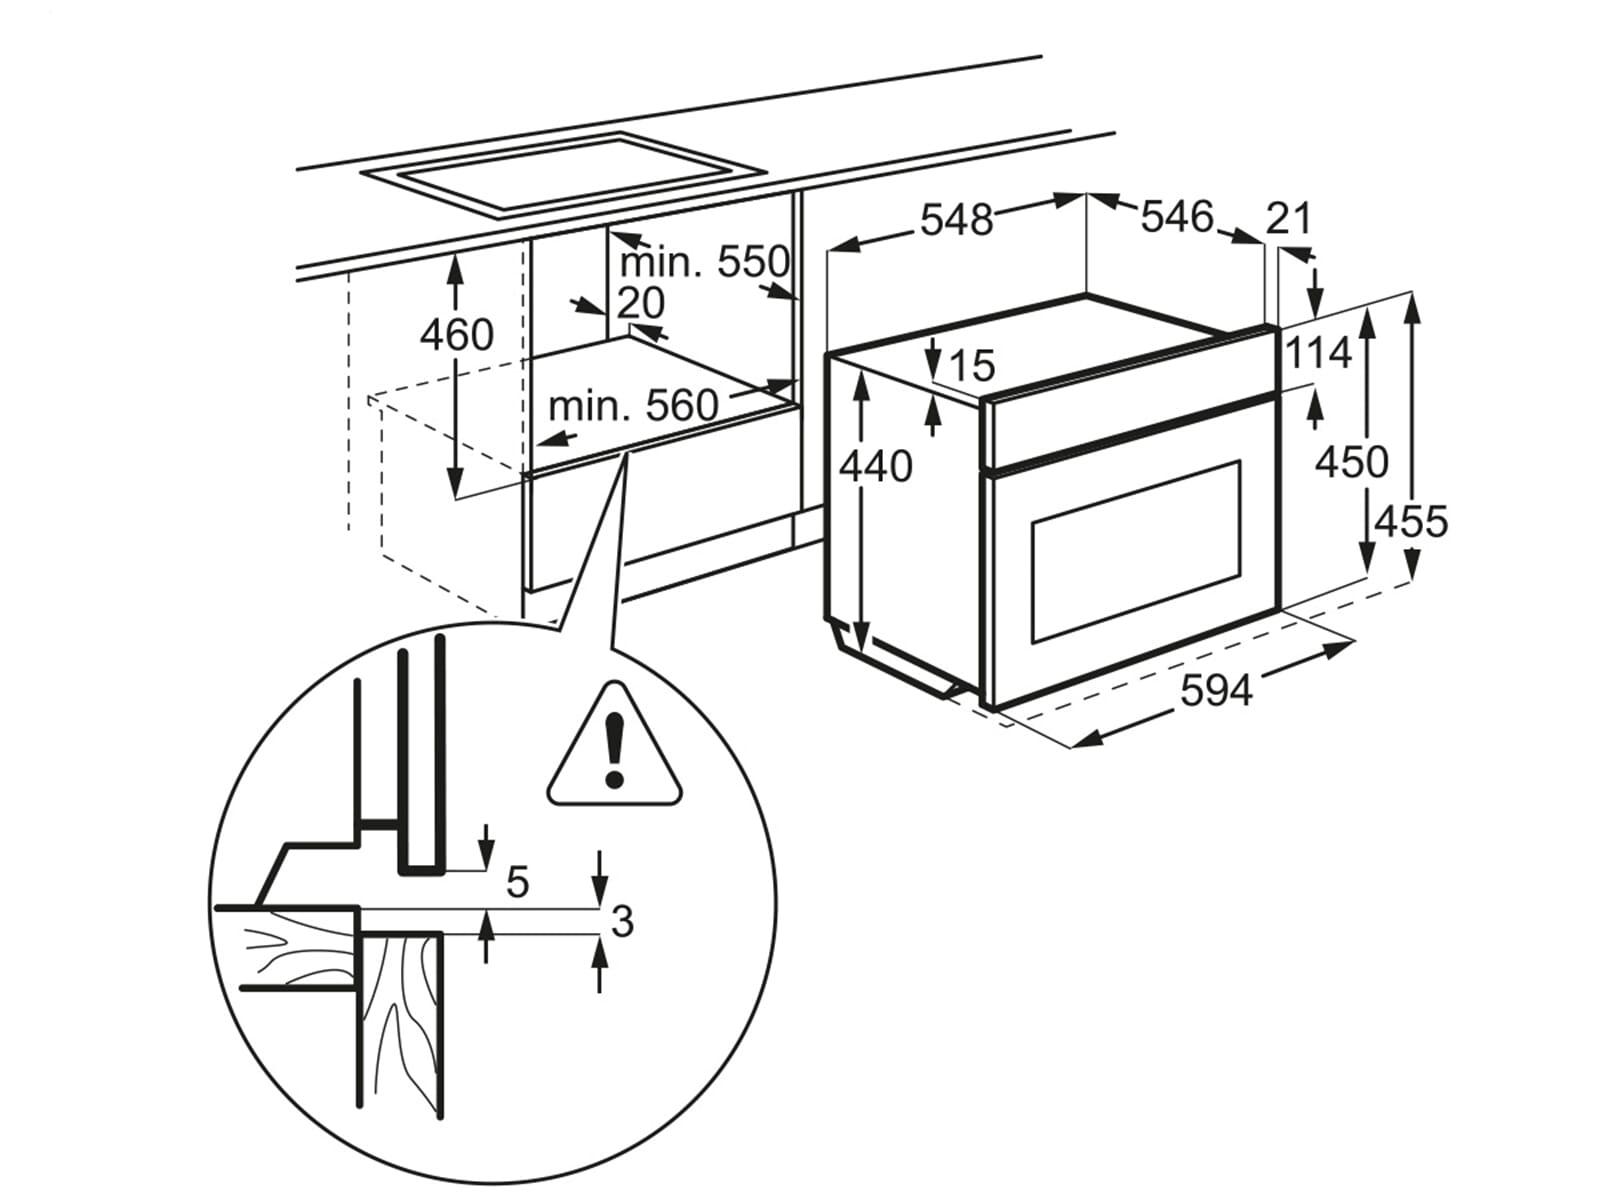 aeg kmk821000m einbau mikrowelle moebelplus. Black Bedroom Furniture Sets. Home Design Ideas